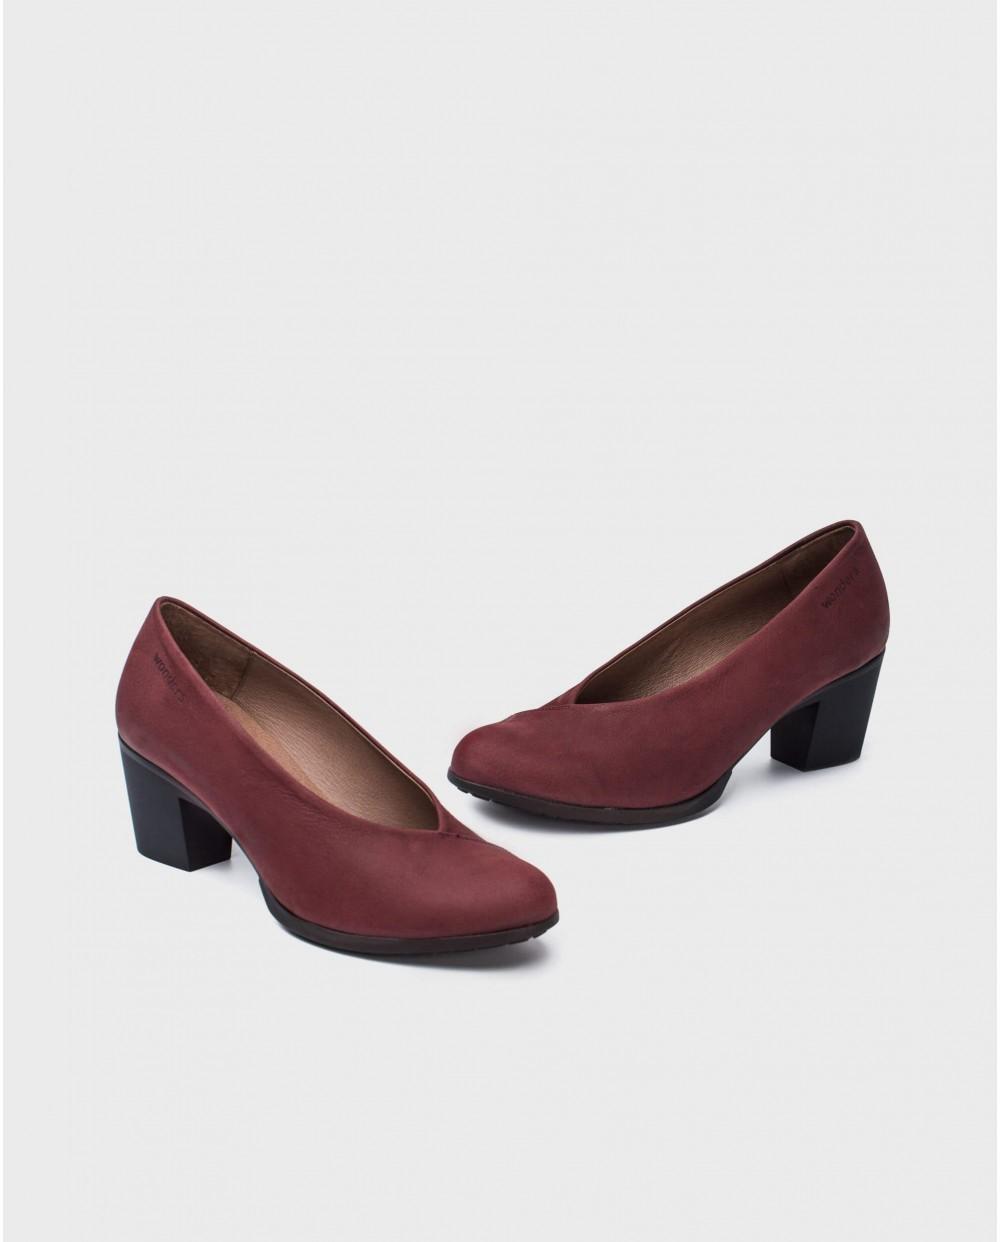 Wonders-Heels-Suede V cut shoe